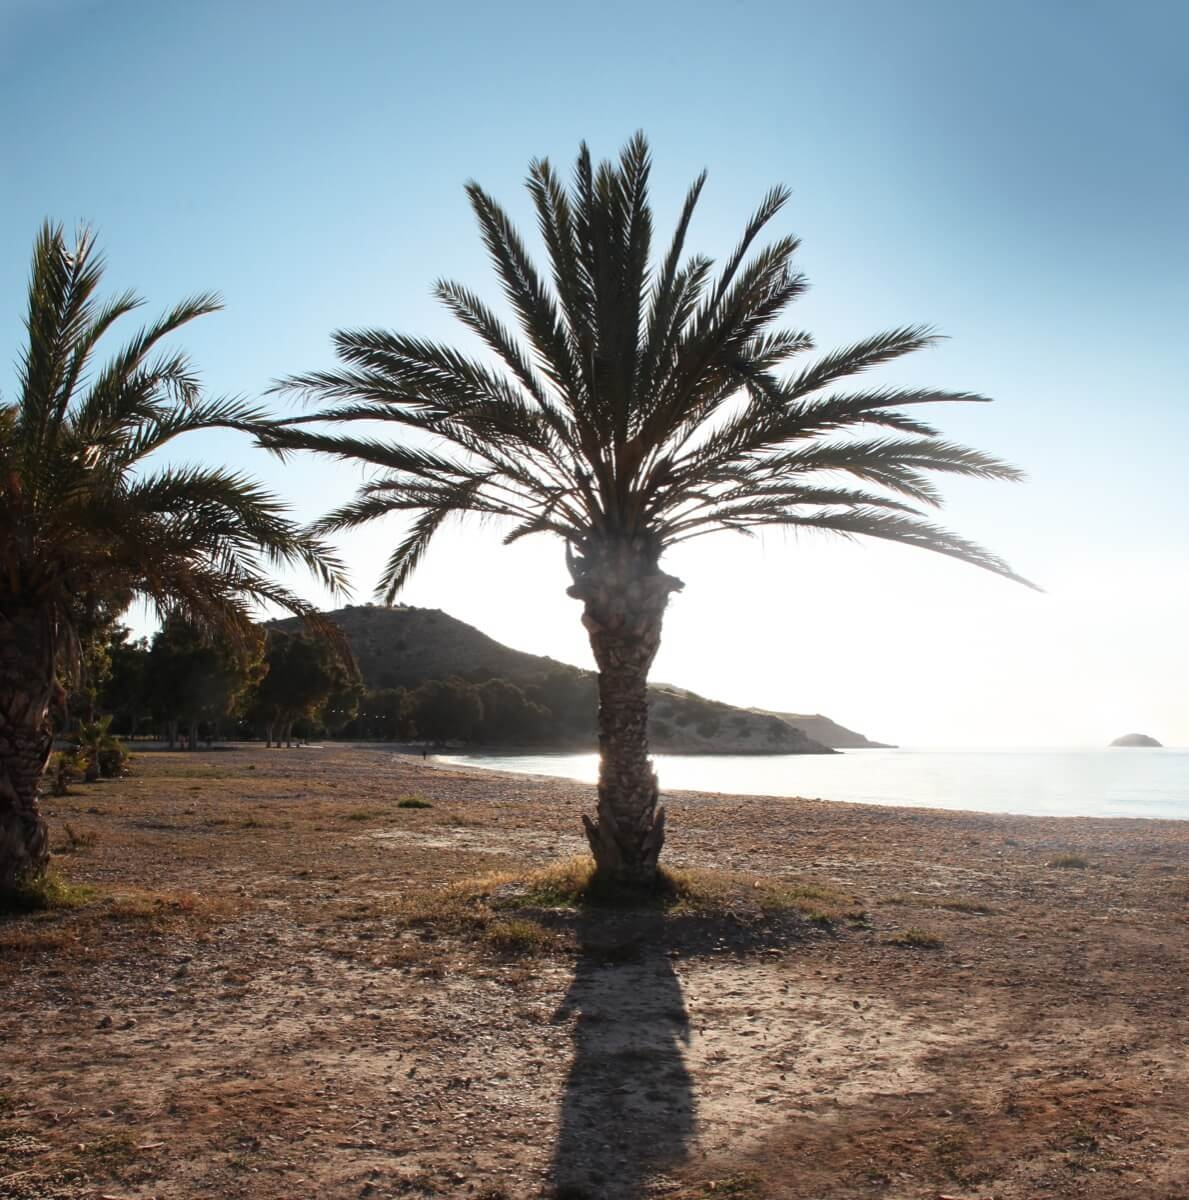 Fotografía de palmera en la Playa el Torres, Villajoyosa (Alicante)